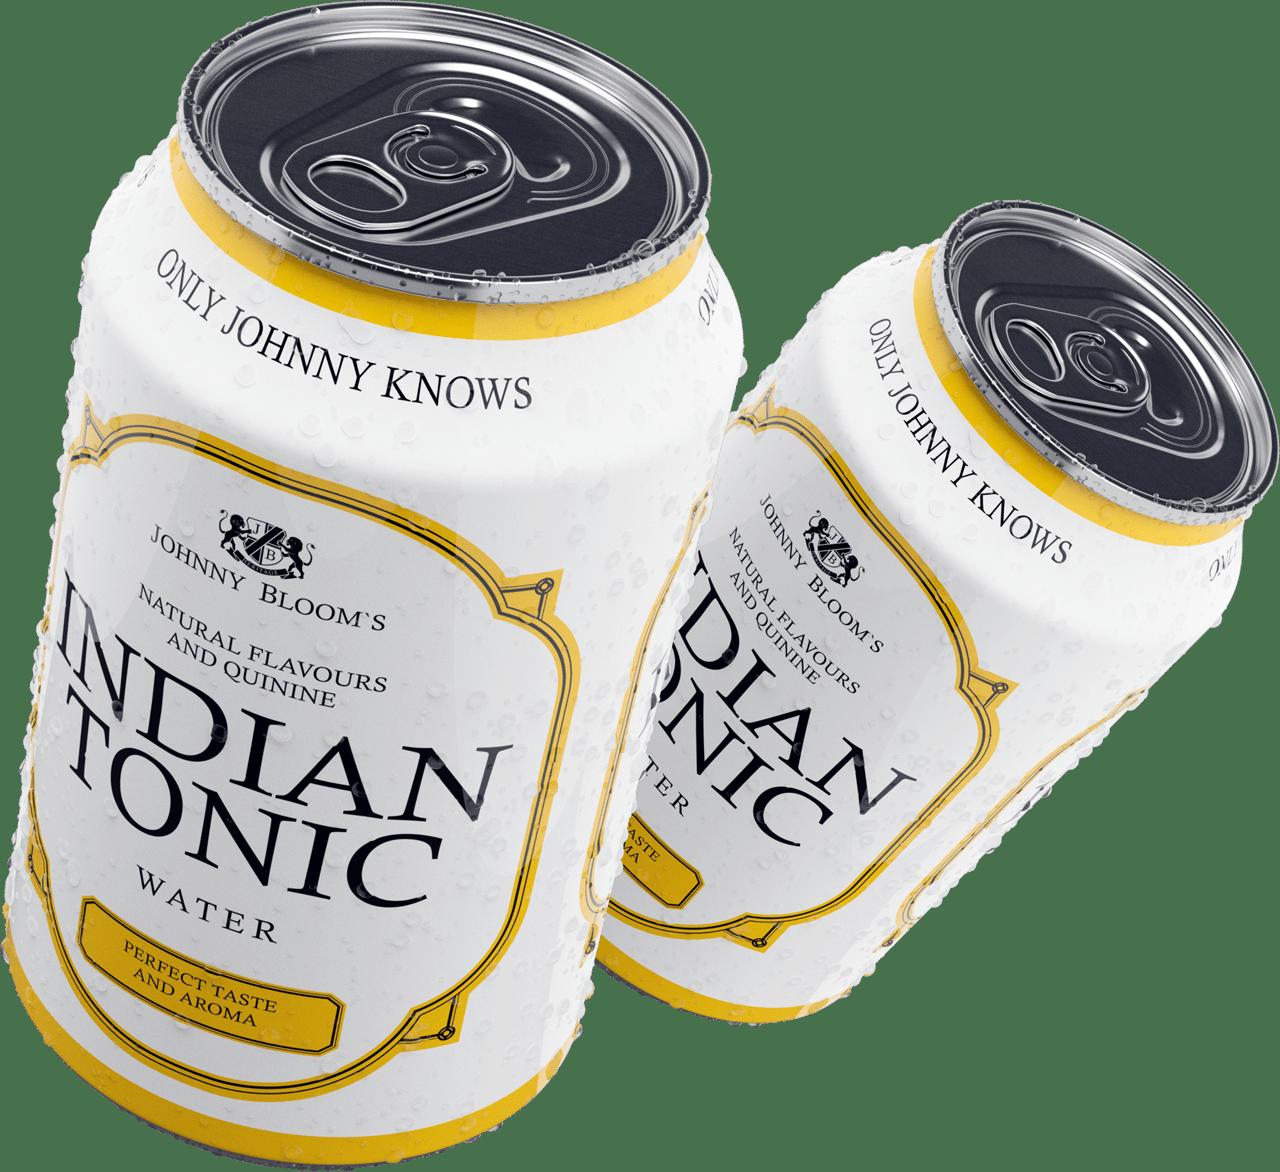 double-tonic